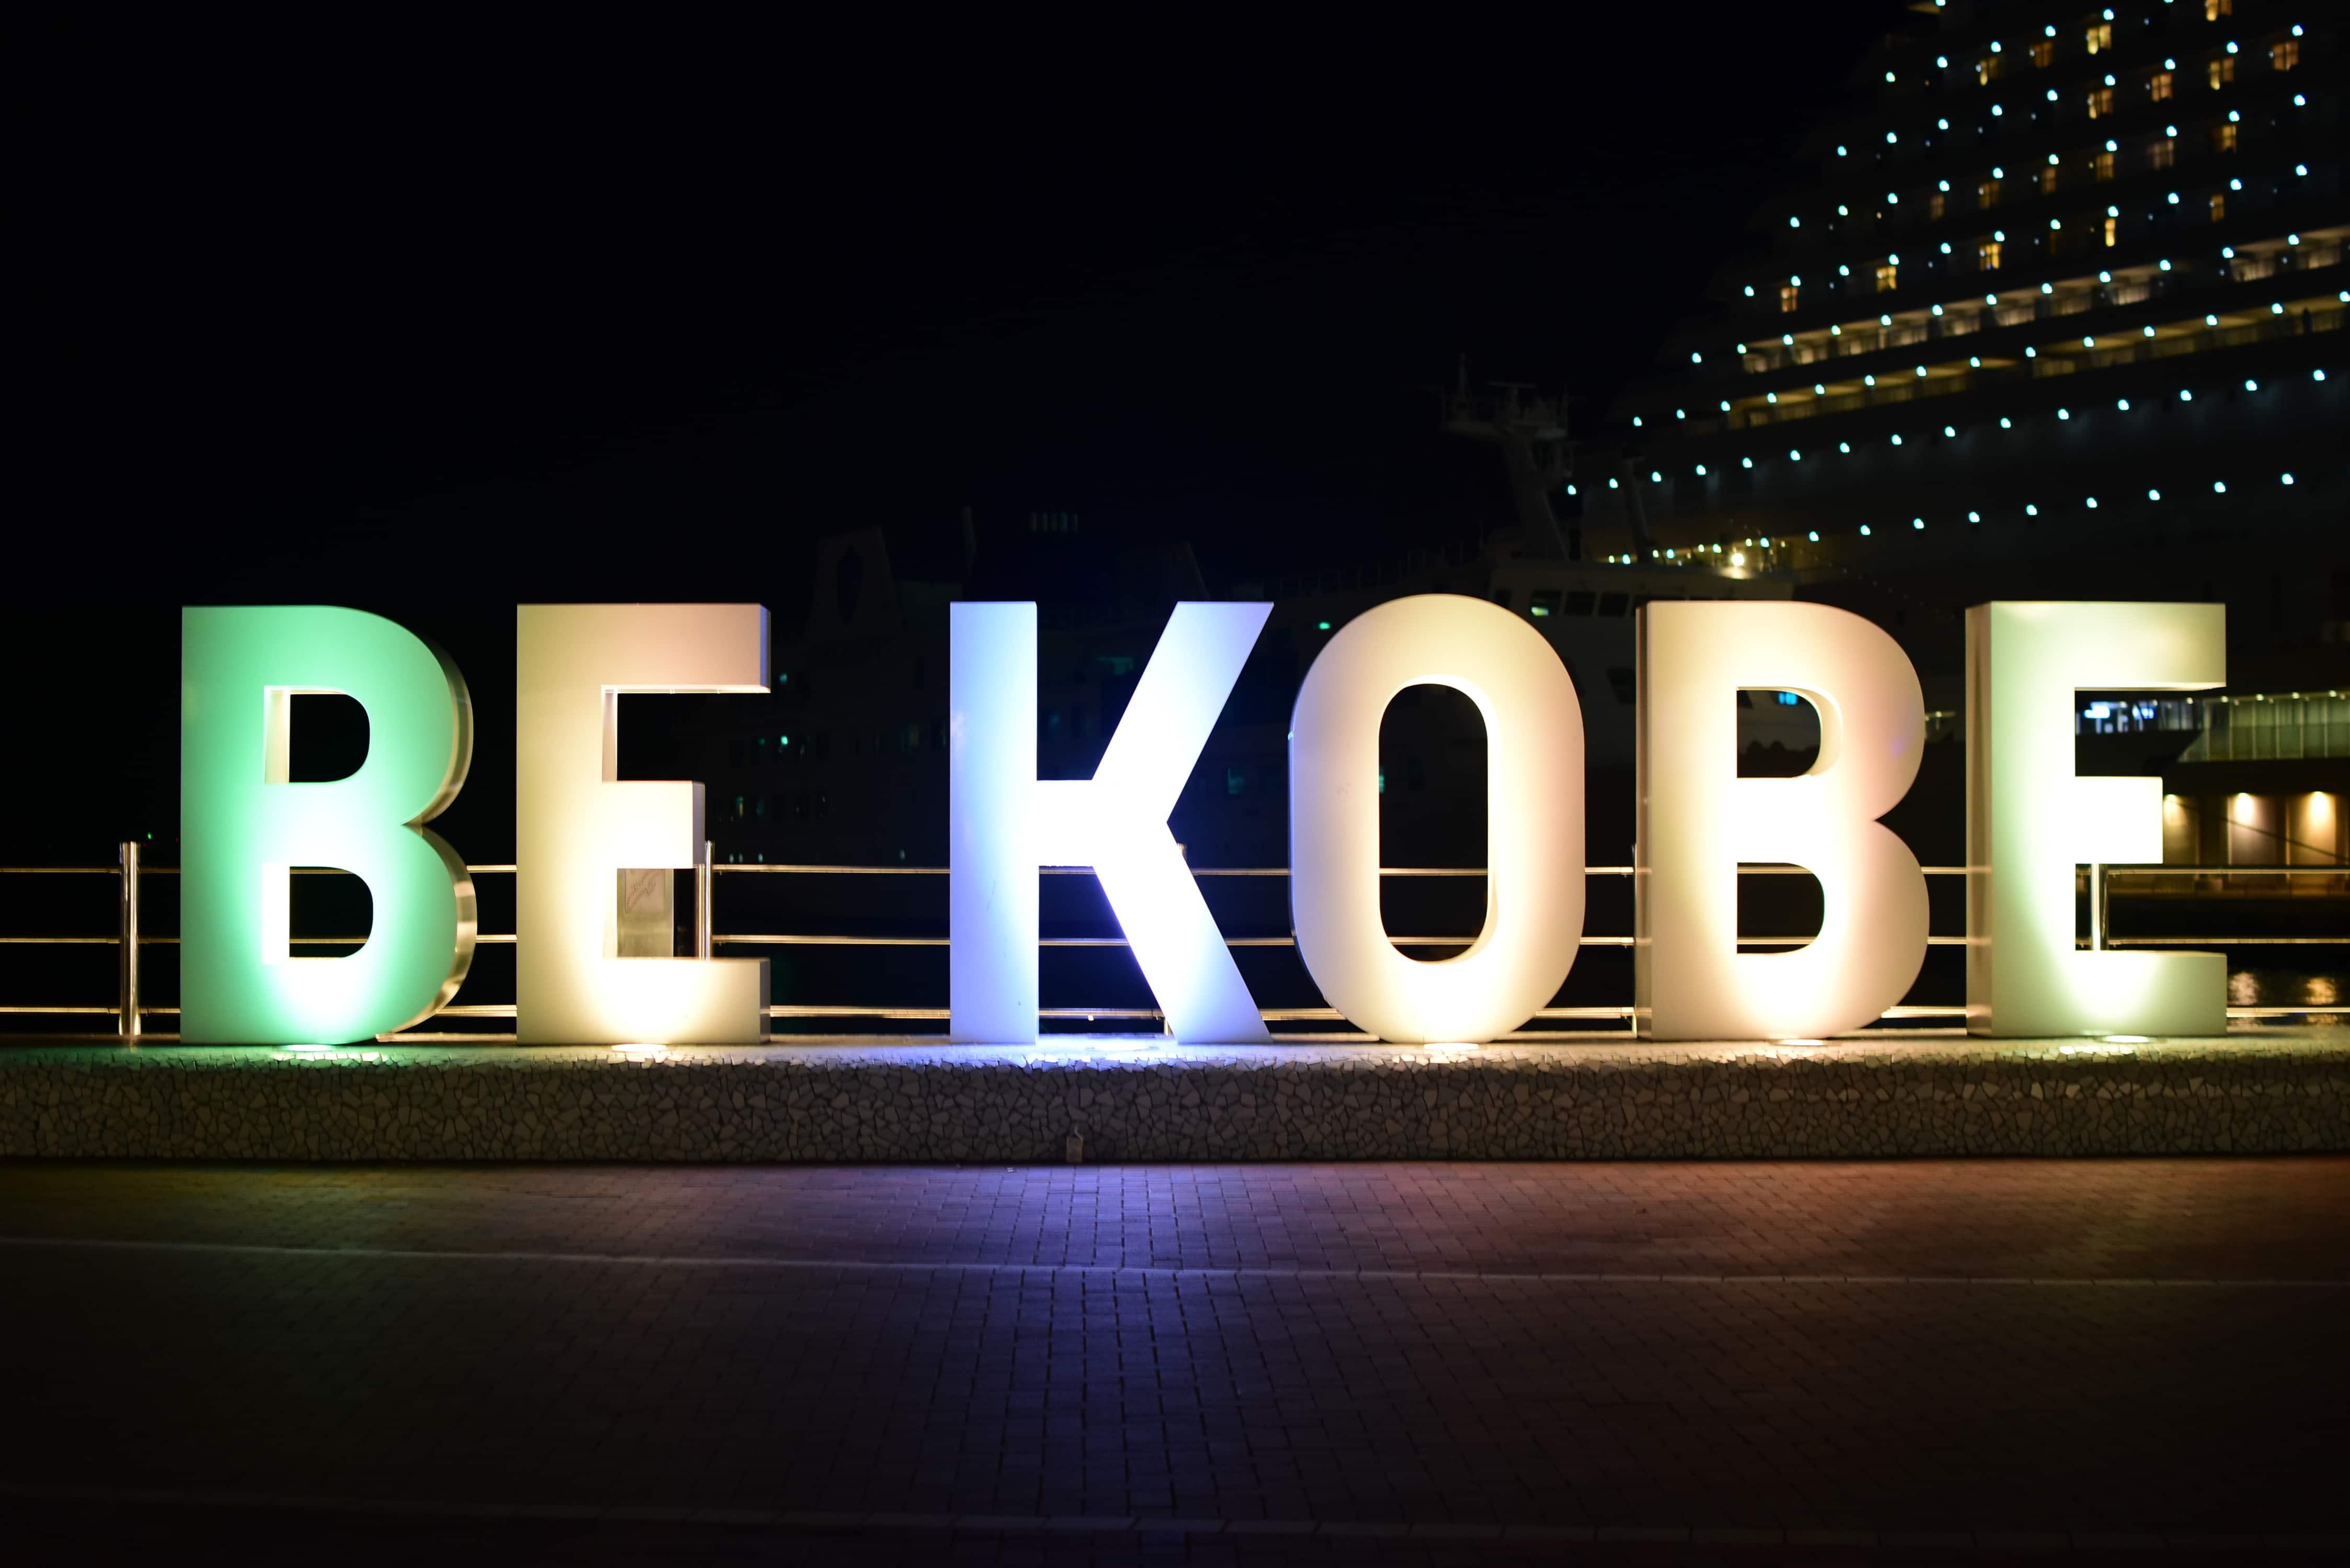 神戶景點-京阪神-淡路-有馬-BE KOBE,必到打卡位